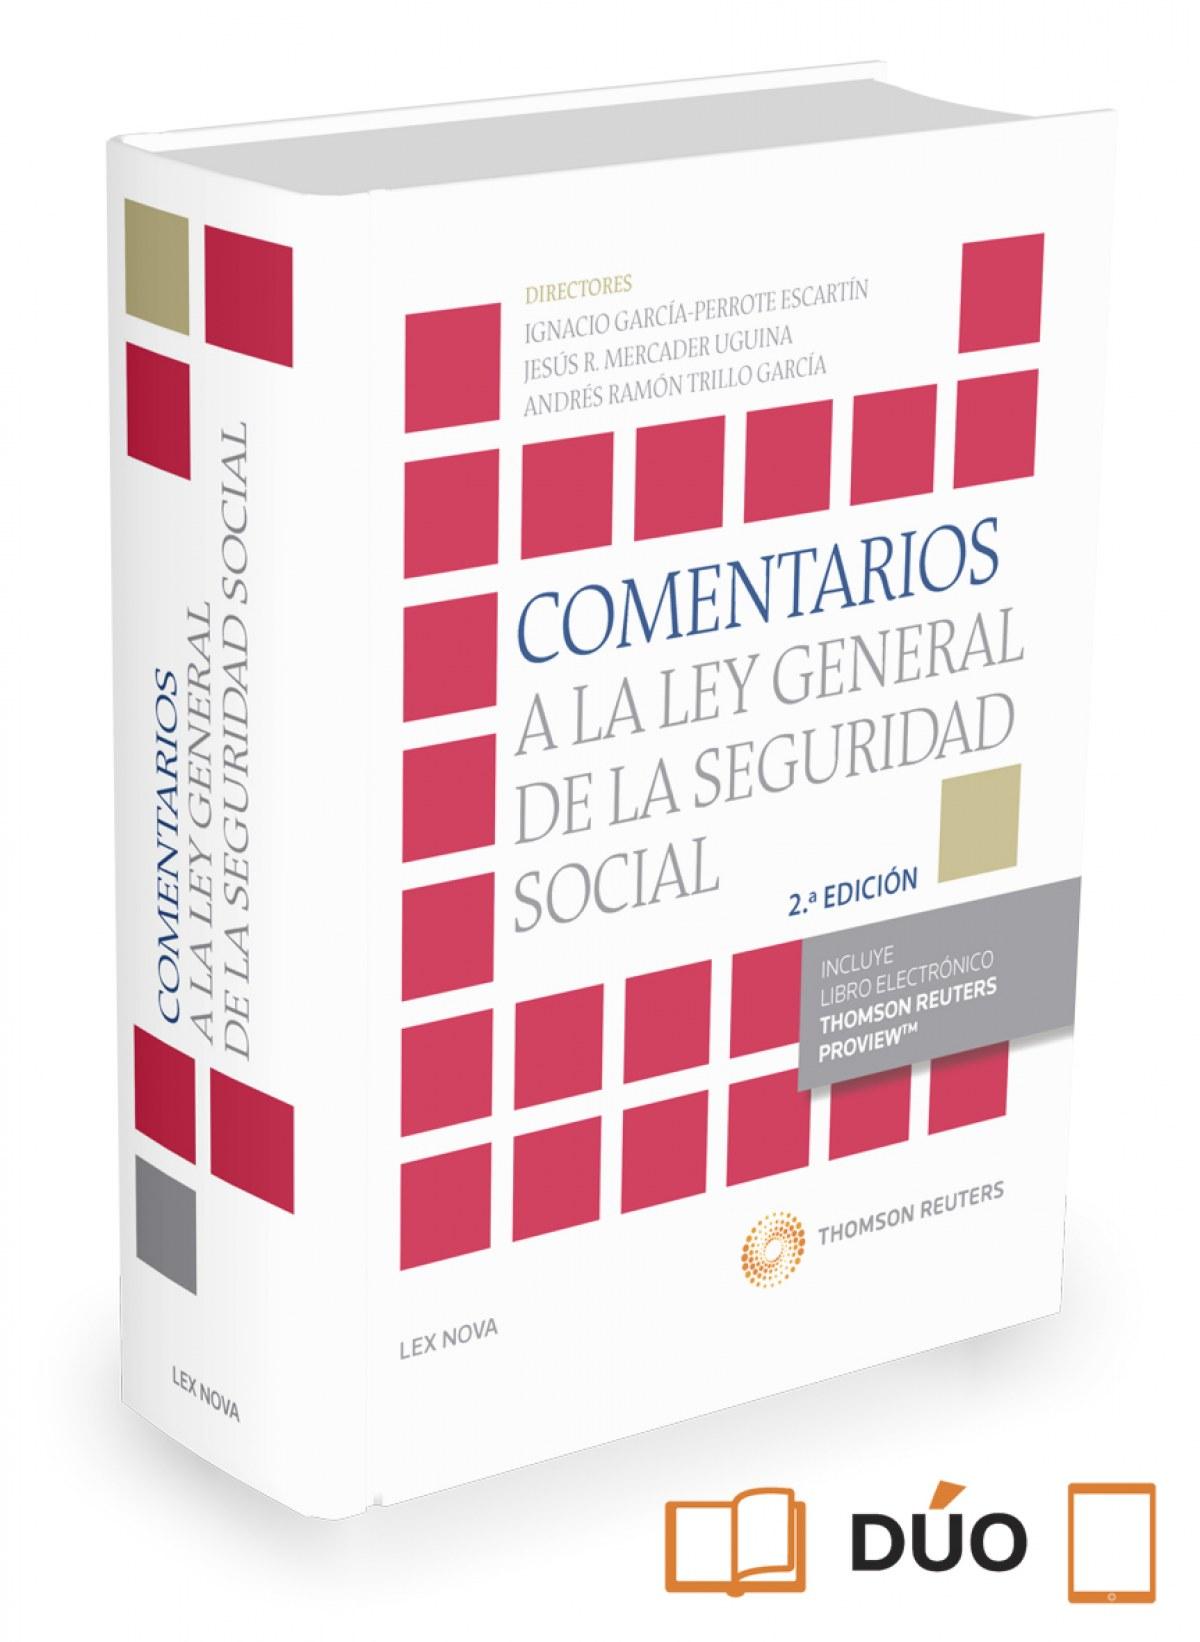 COMENTARIOS A LA LEY GENERAL DE LA SEGURIDAD SOCIAL (PAPEL + E-BOOK)